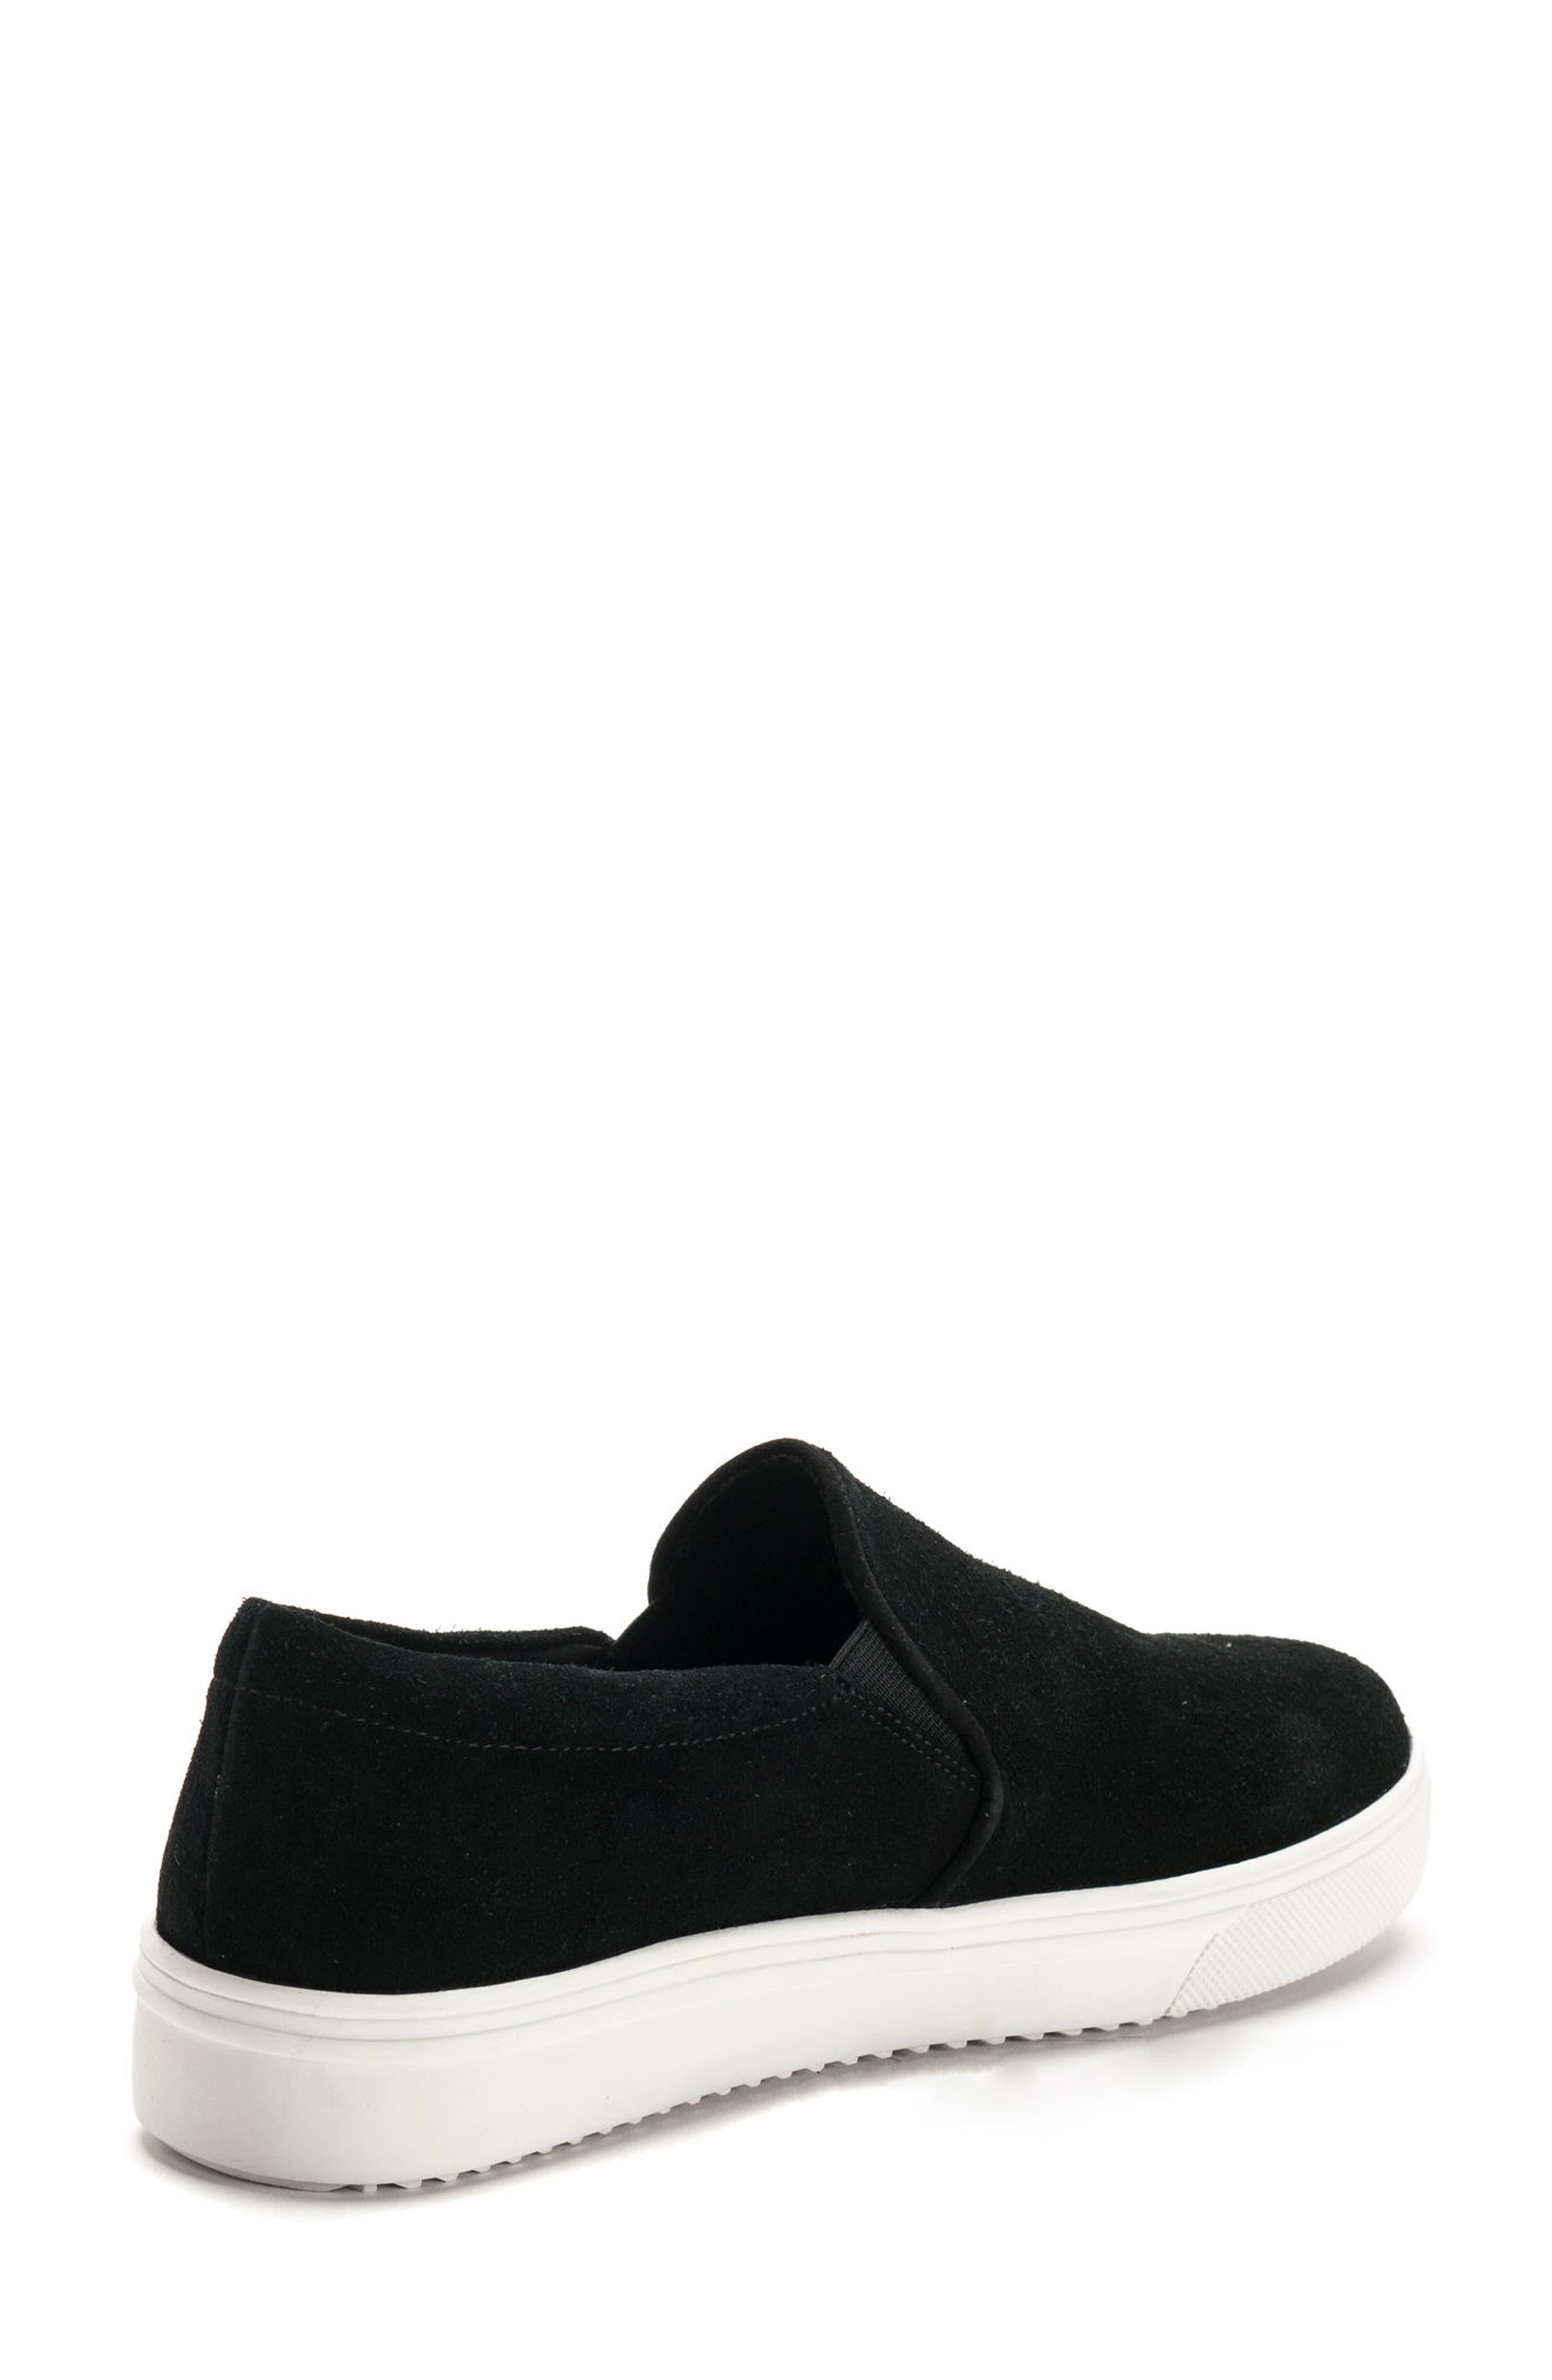 Gracie Waterproof Slip-On Sneaker,                             Alternate thumbnail 2, color,                             BLACK SUEDE